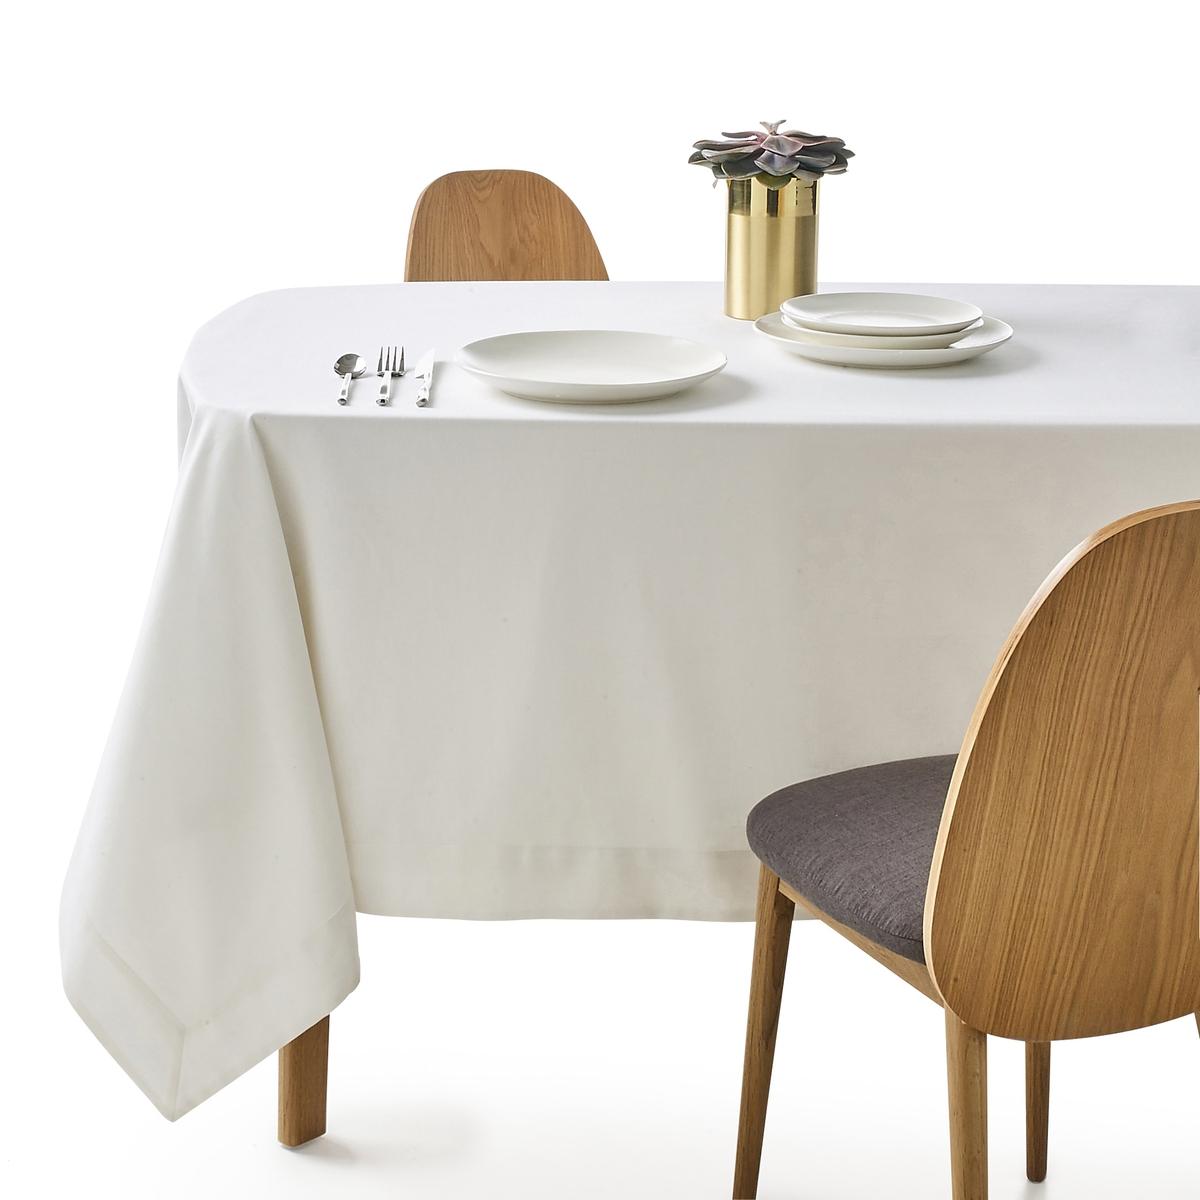 Скатерть из полушерстяной ткани, BORDERЭлегантная и изысканная скатерть из полушерстяной ткани для одновременно шикарного и аутентичного стола. Великолепная полушерстяная ткань, 45% льна, 55% хлопка, отделка углов конвертом. Машинная стирка при 40 °С.Натуральная полушерстяная ткань из волокон льна и хлопка, мягкая и устойчивая к стиркам.Широкие подшитые края шириной 7 см на лицевой стороне.<br><br>Цвет: белый<br>Размер: 150 x 150  см